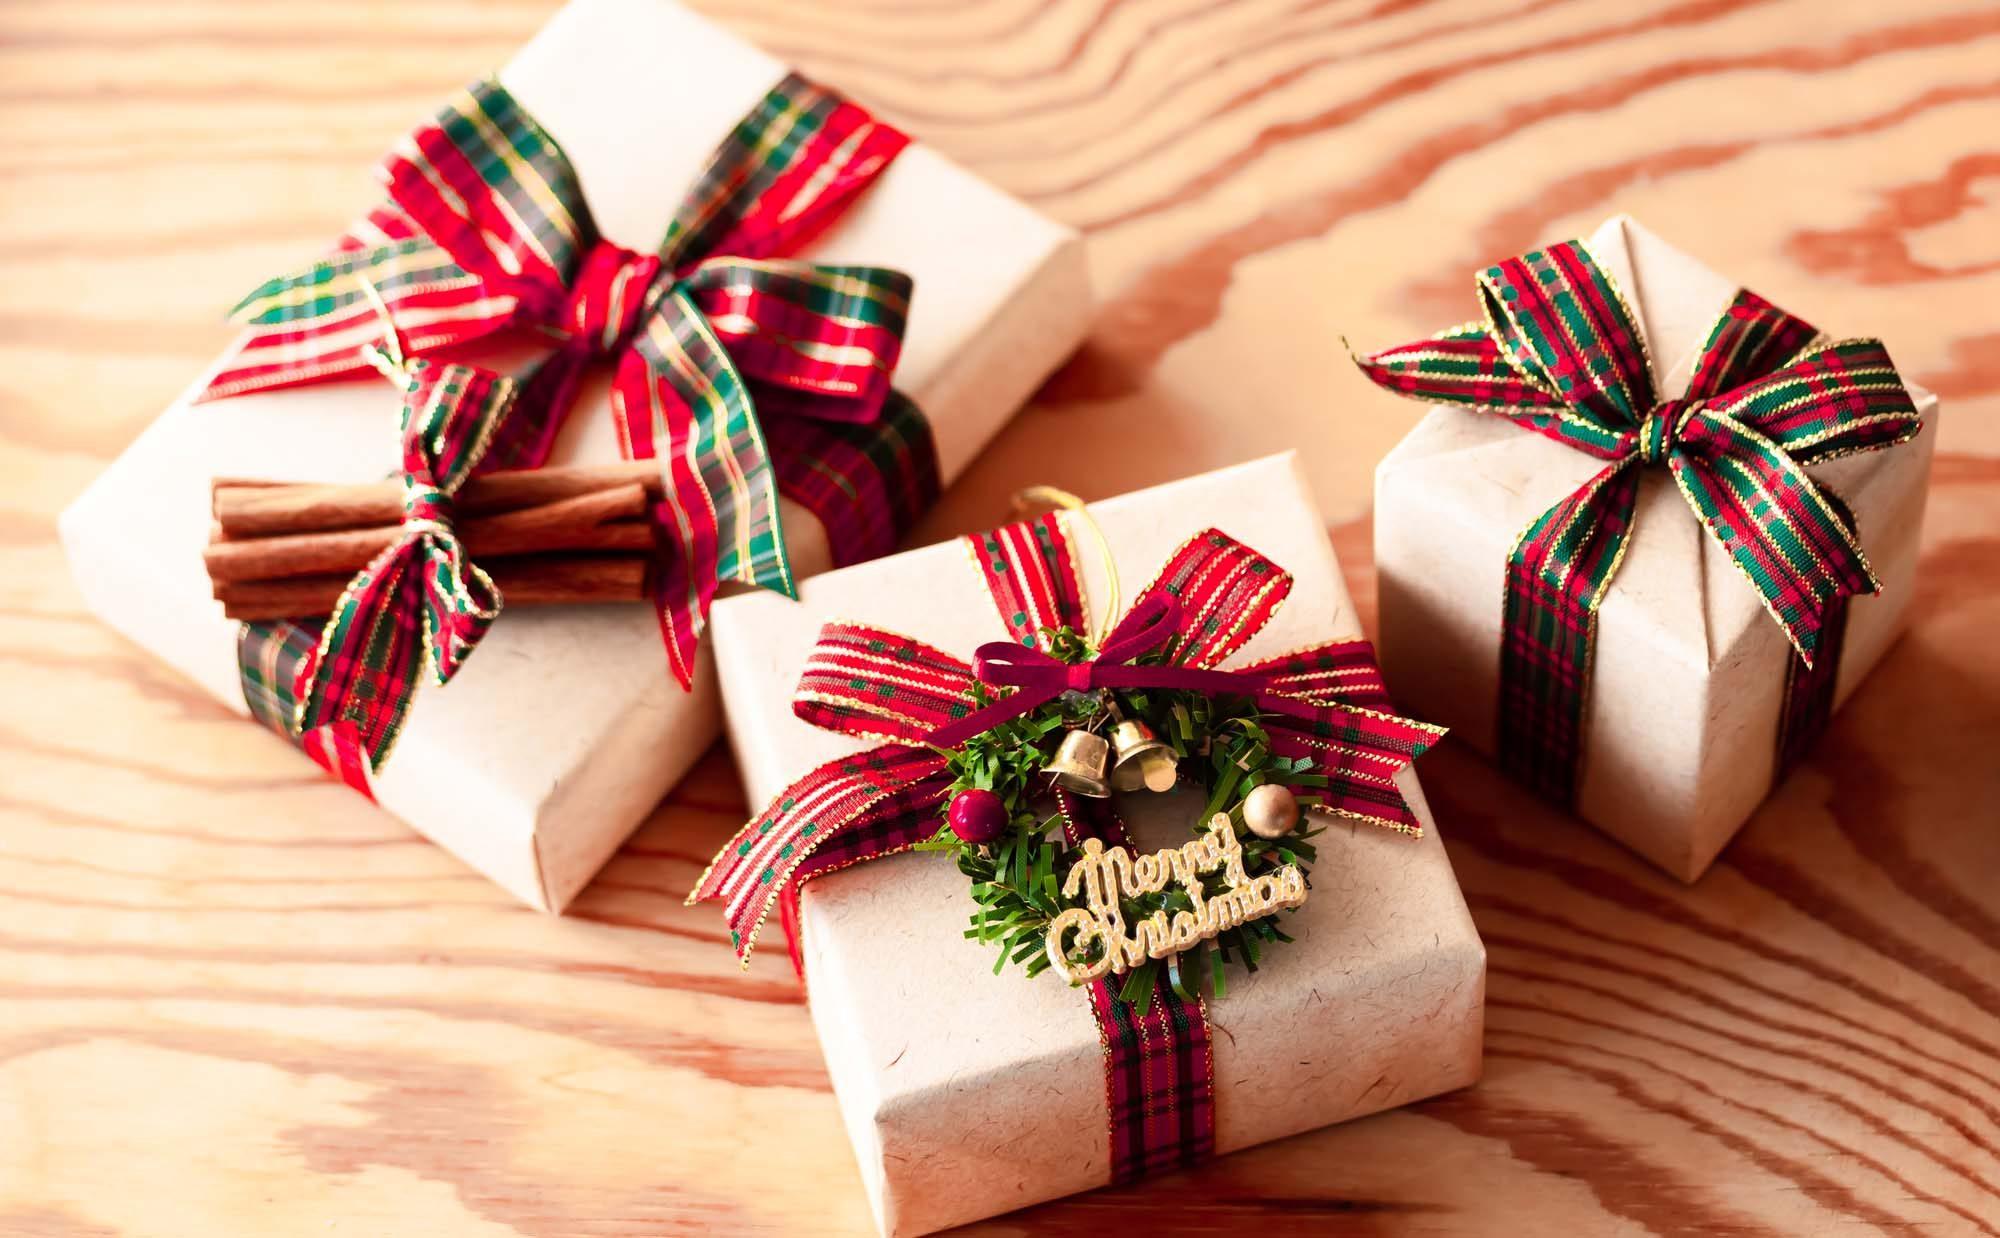 両親と祖父母に送りたい、2020年のクリスマスプレゼントはどう選ぶ?